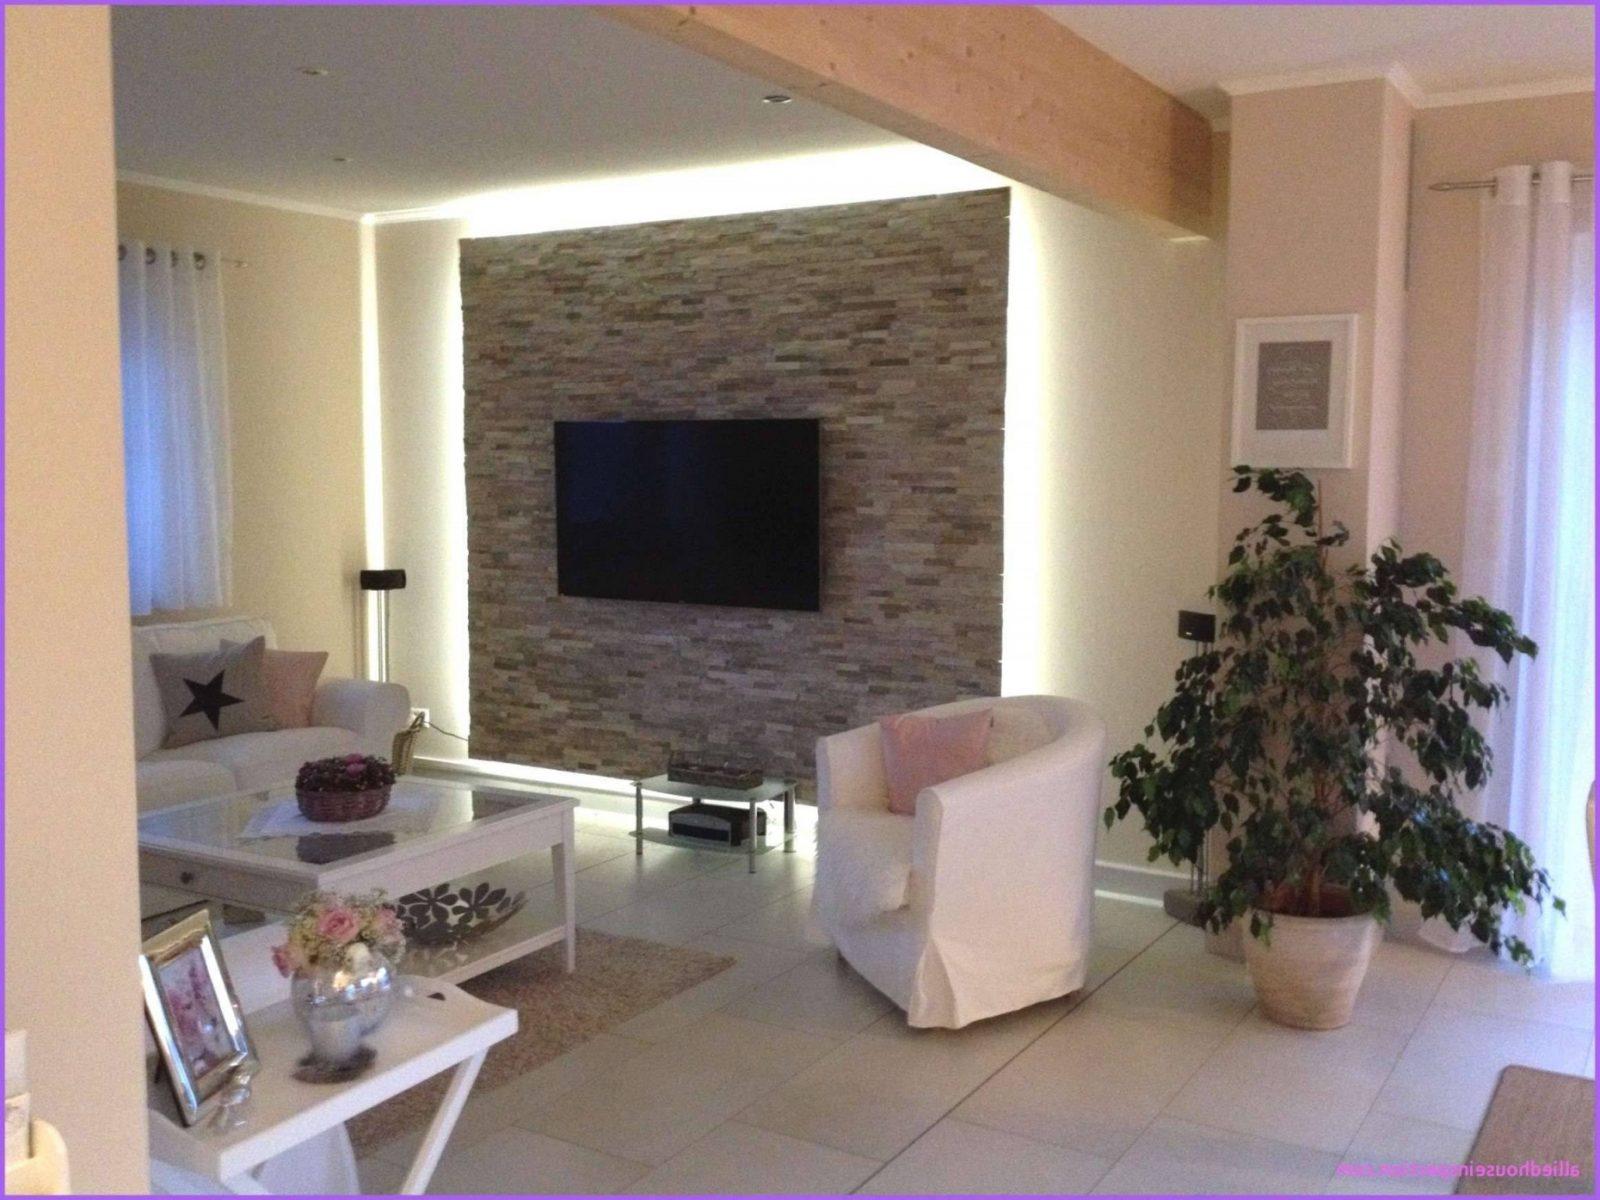 Das Beste Von Anmutig Schlafzimmer Ideen Grau Gestaltung von Schlafzimmer Ideen Grau Photo